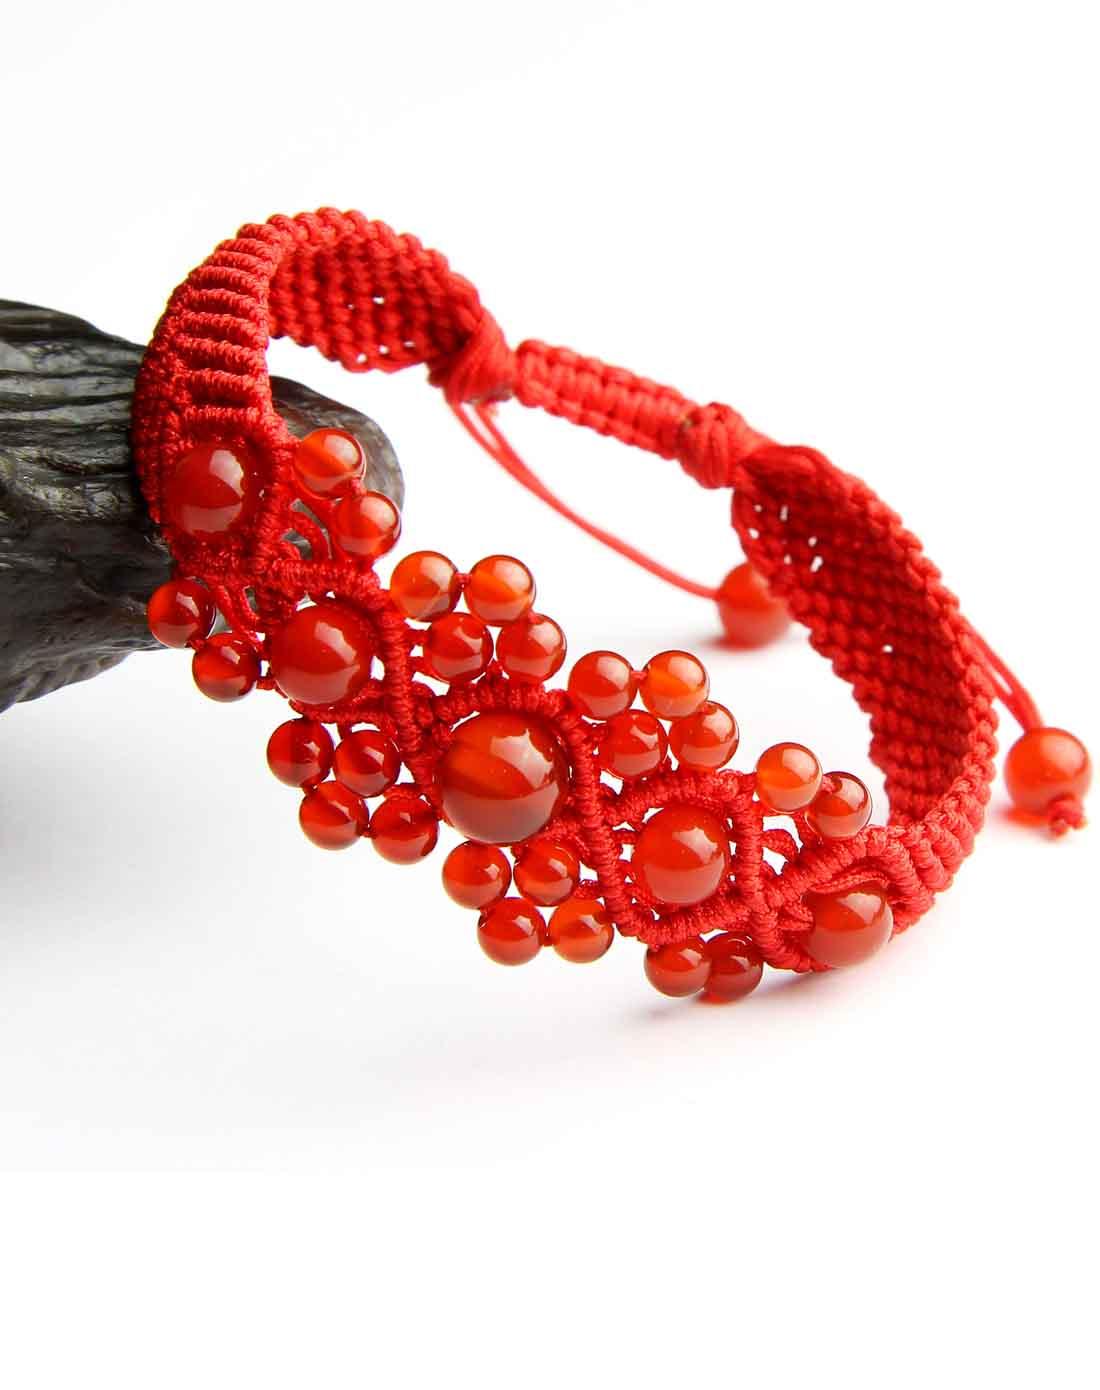 一生一石o-stone红玛瑙纯手工编绳攒珠手链(附证书)